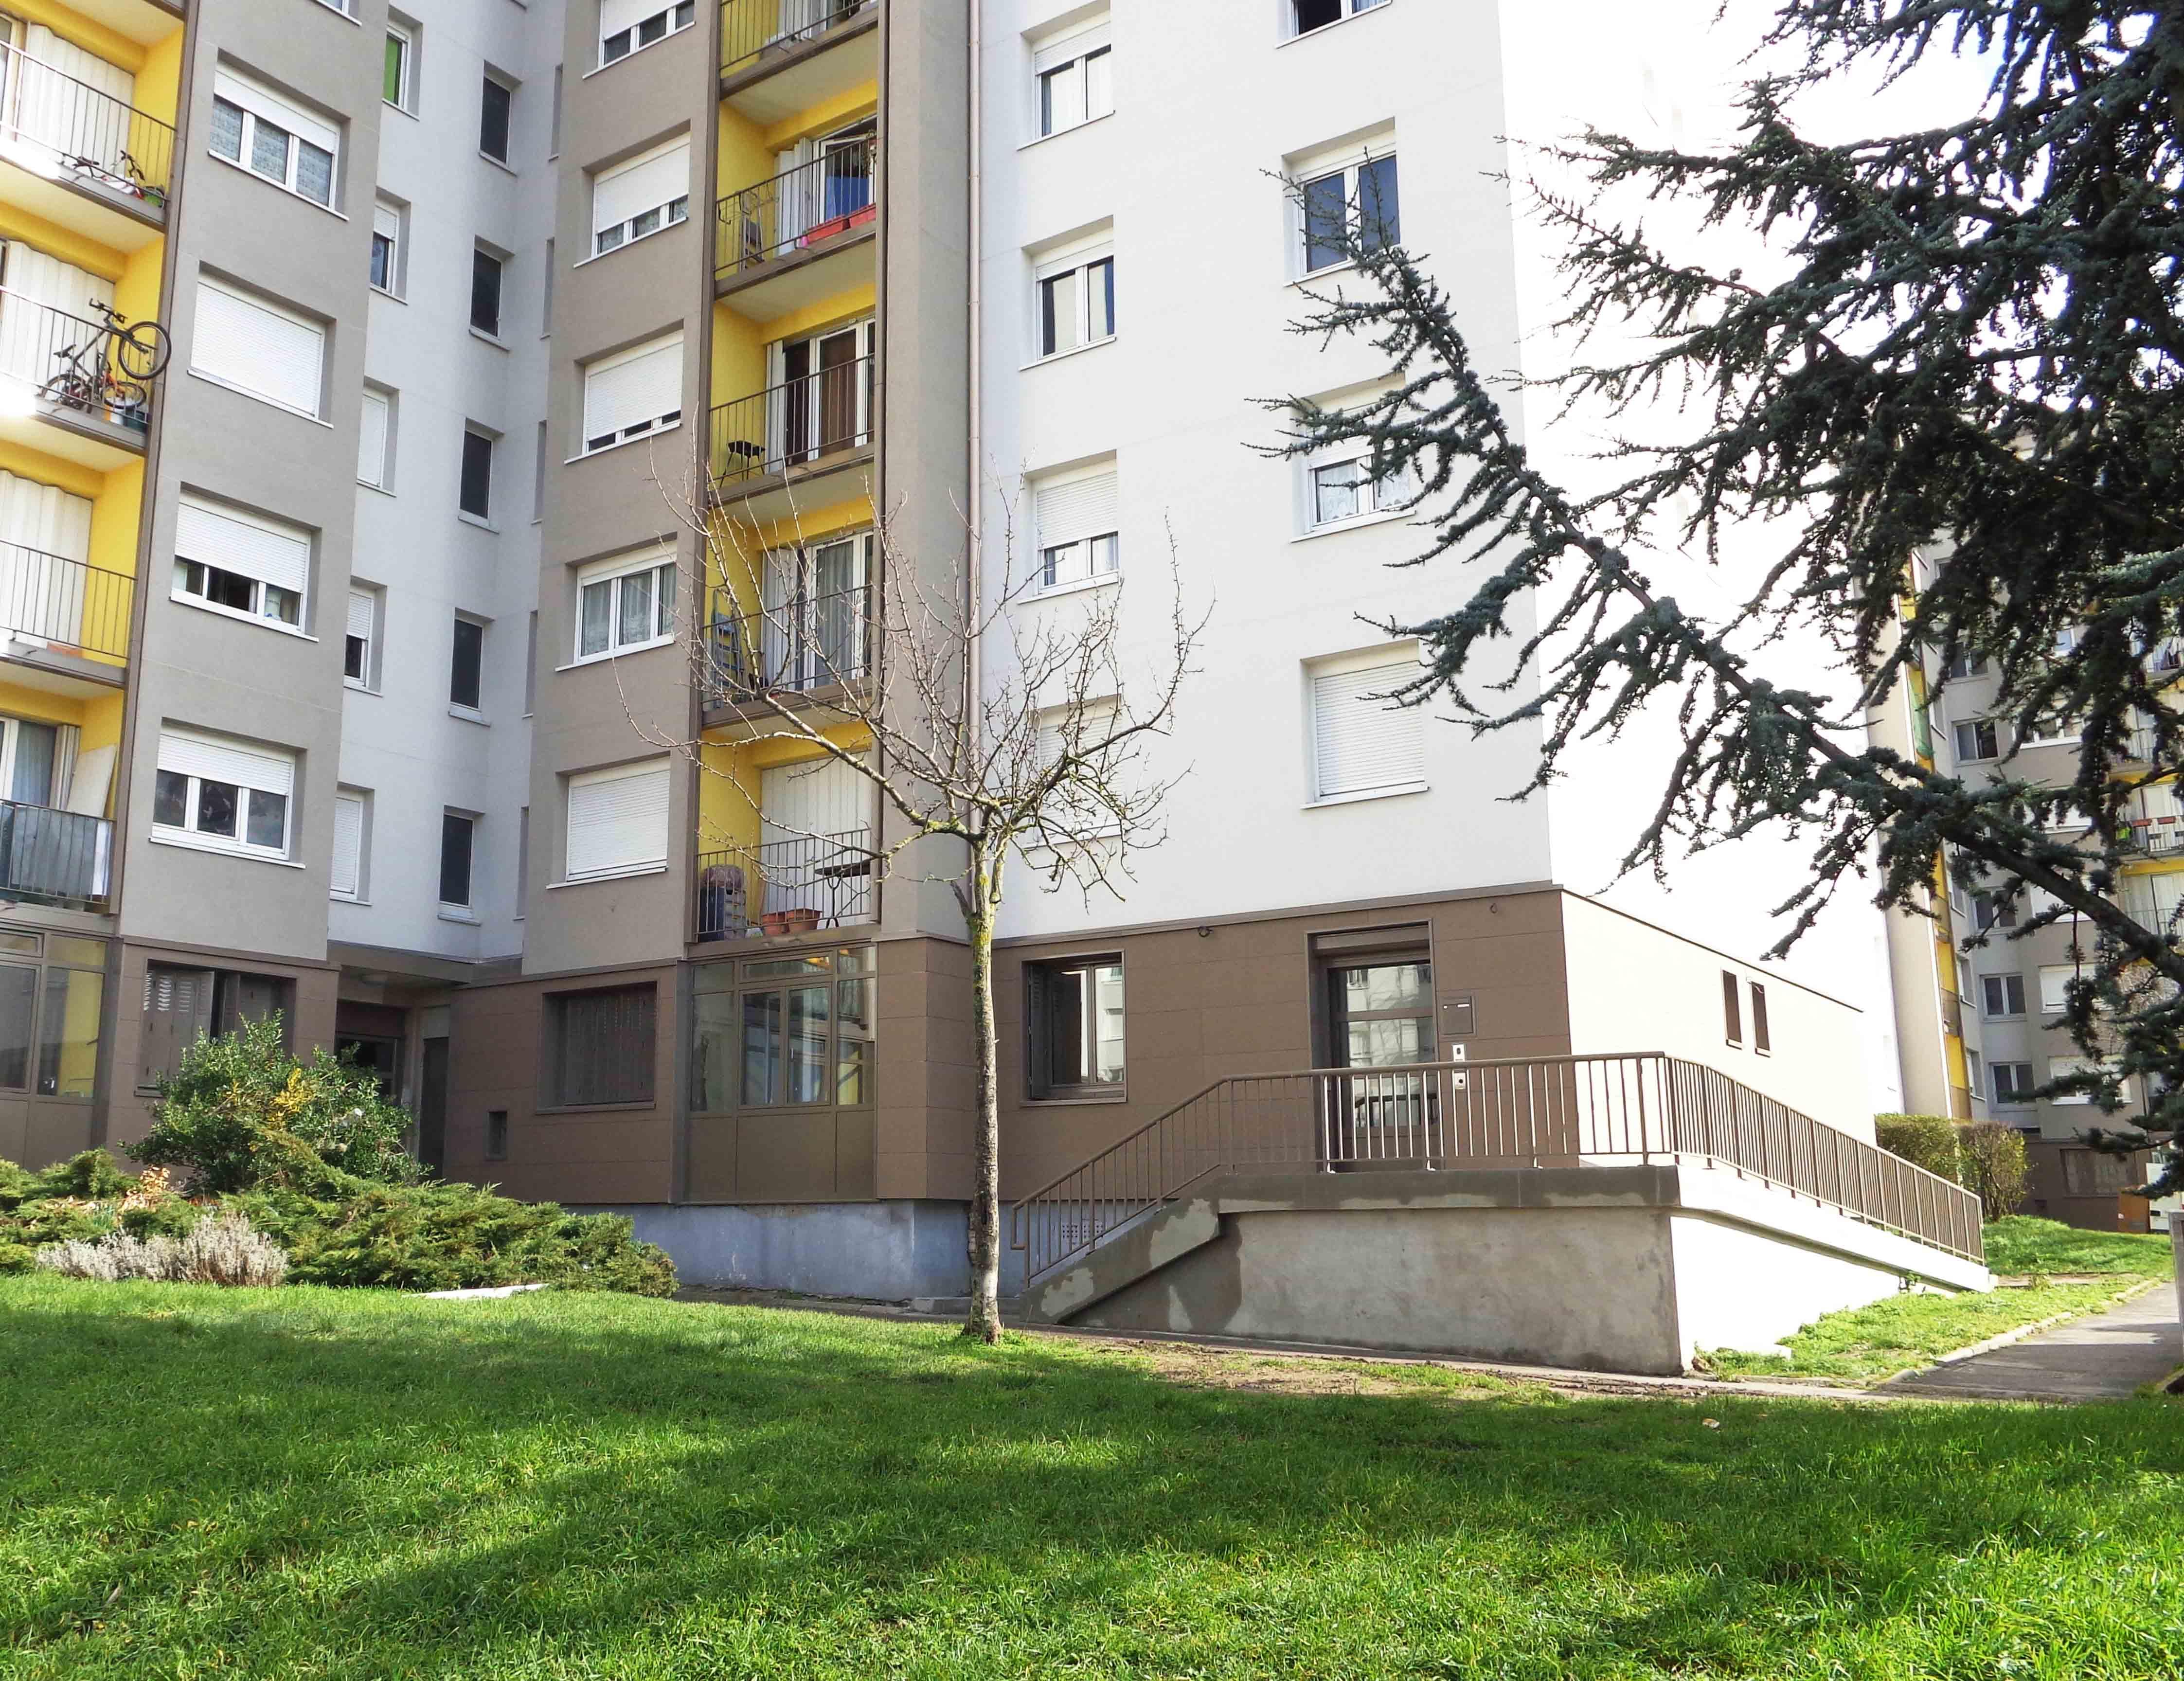 adda architecture paris réhabilitation